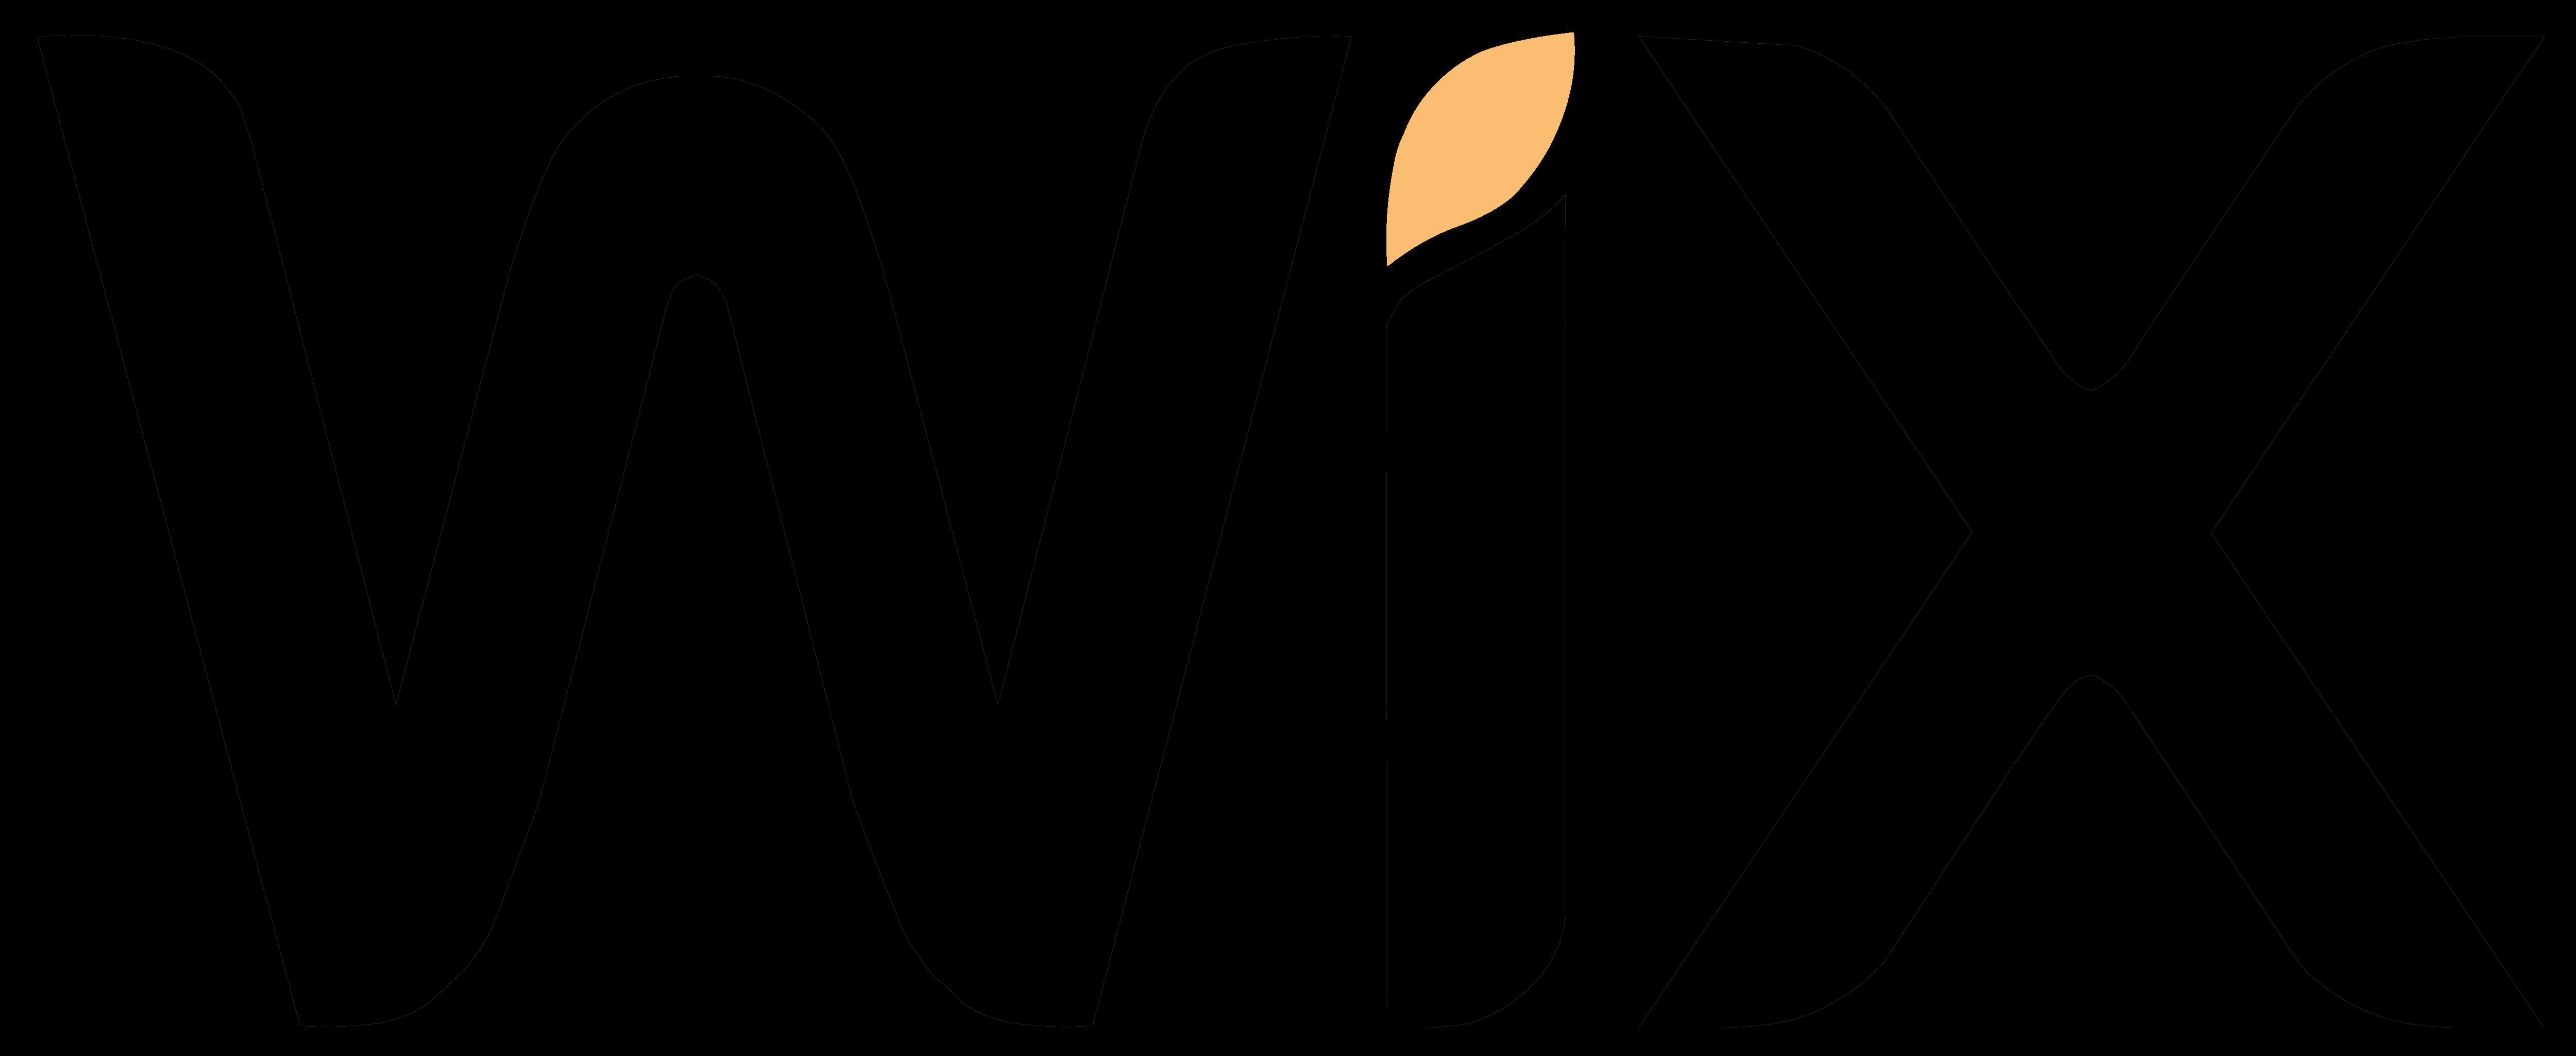 Wix (wix.com).